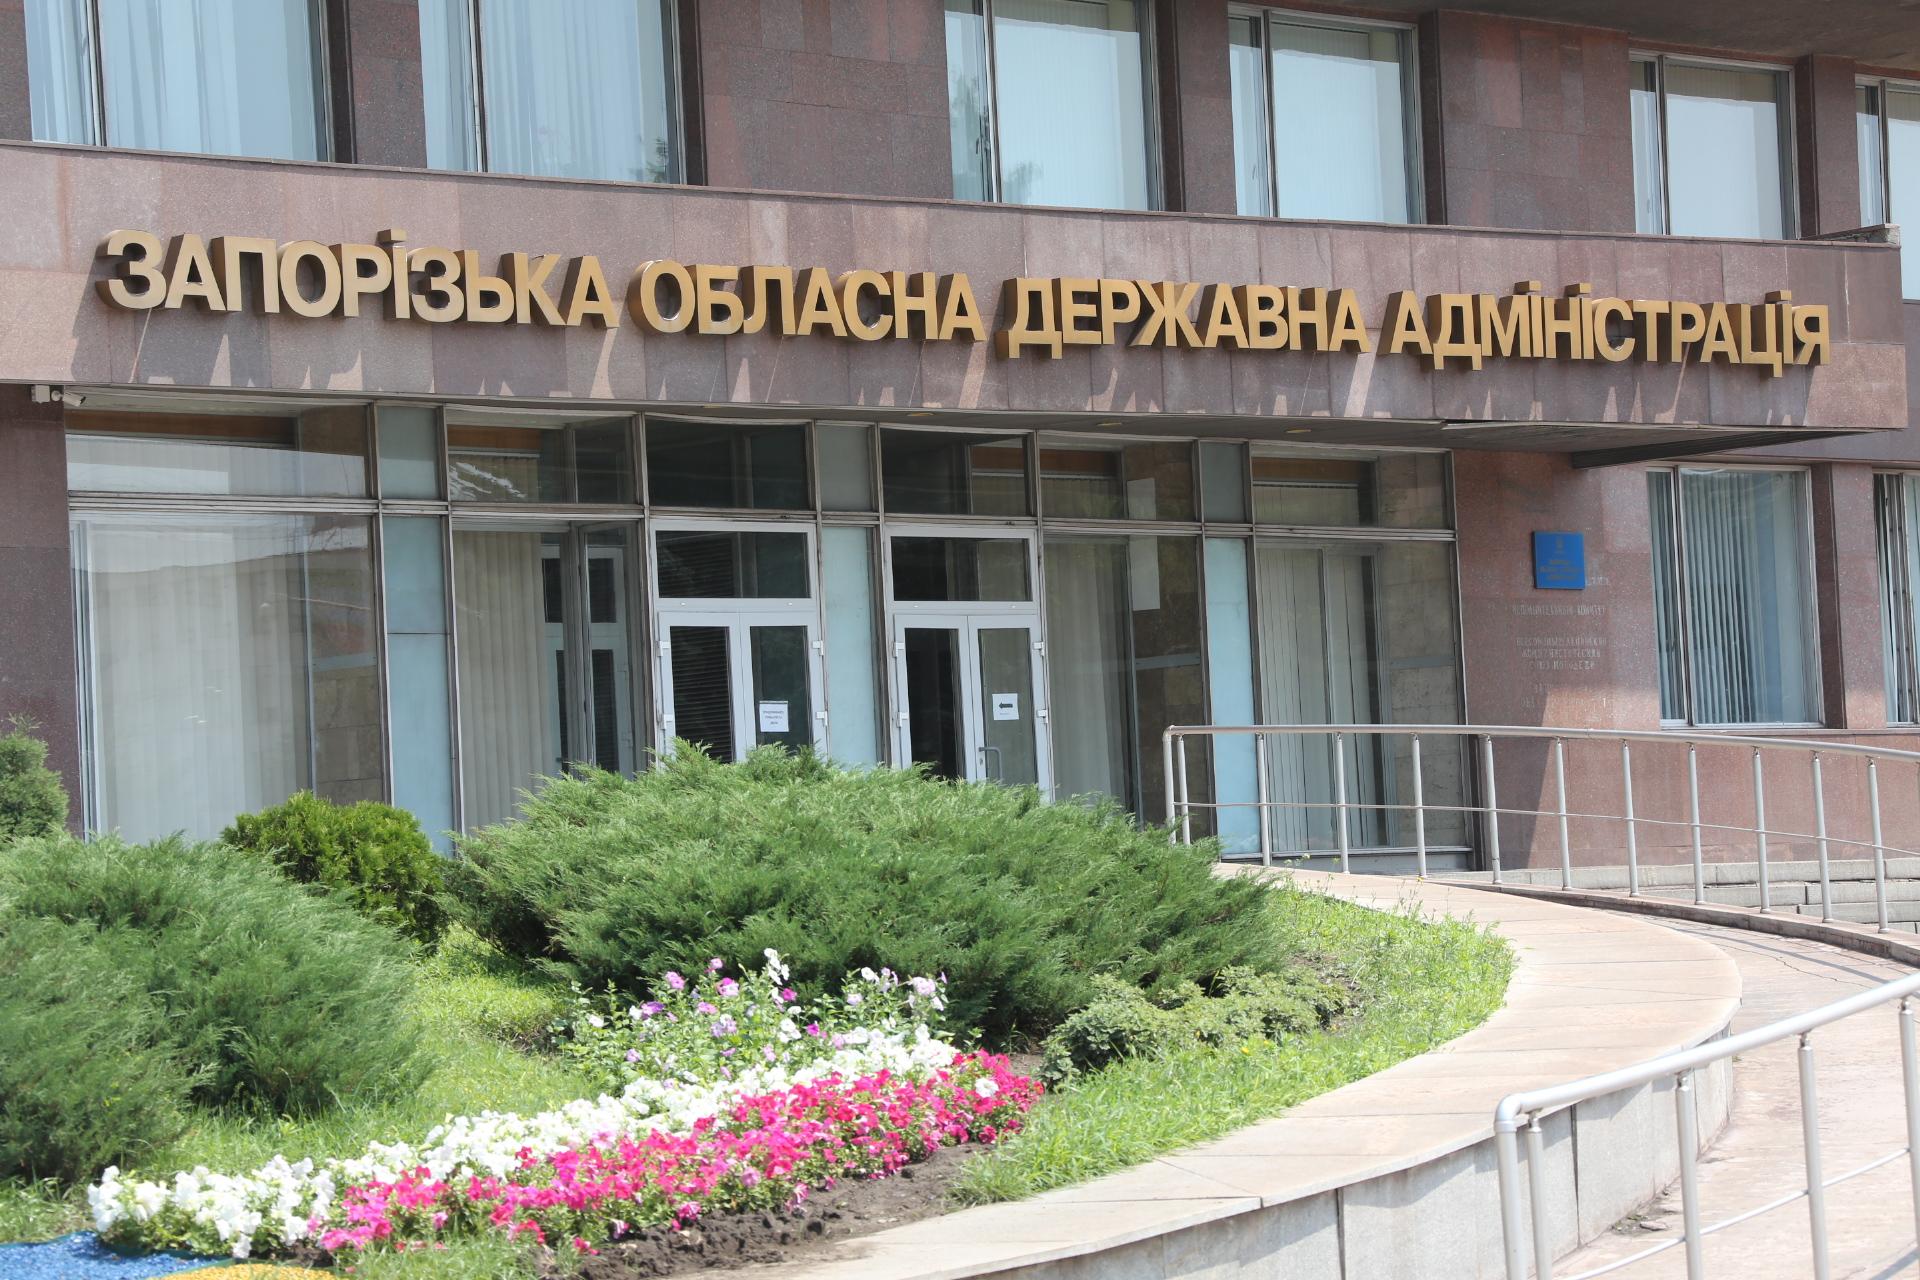 Мелитопольский волонтер вышла из состава комитета при Запорожской ОГА, потому что там противились «подставлять» академика-адмирала